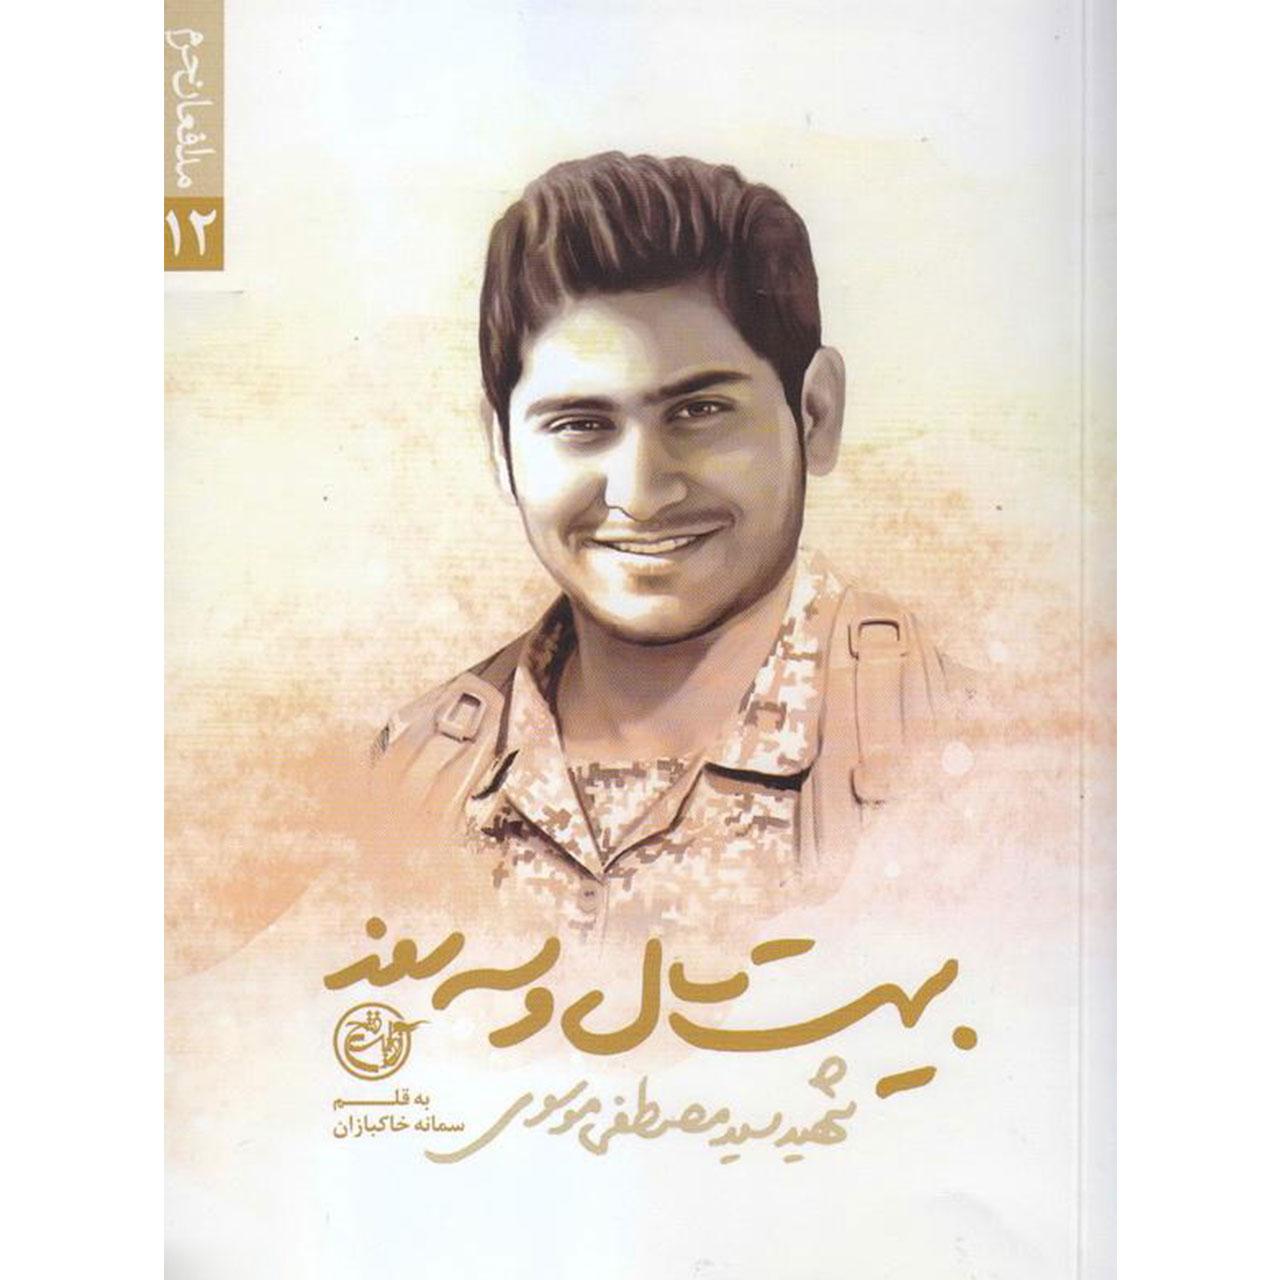 خرید                      کتاب بیست سال و سه روز: زندگینامه شهید مدافع حرم سید مصطفی موسوی - اثر سمانه خاکبازان